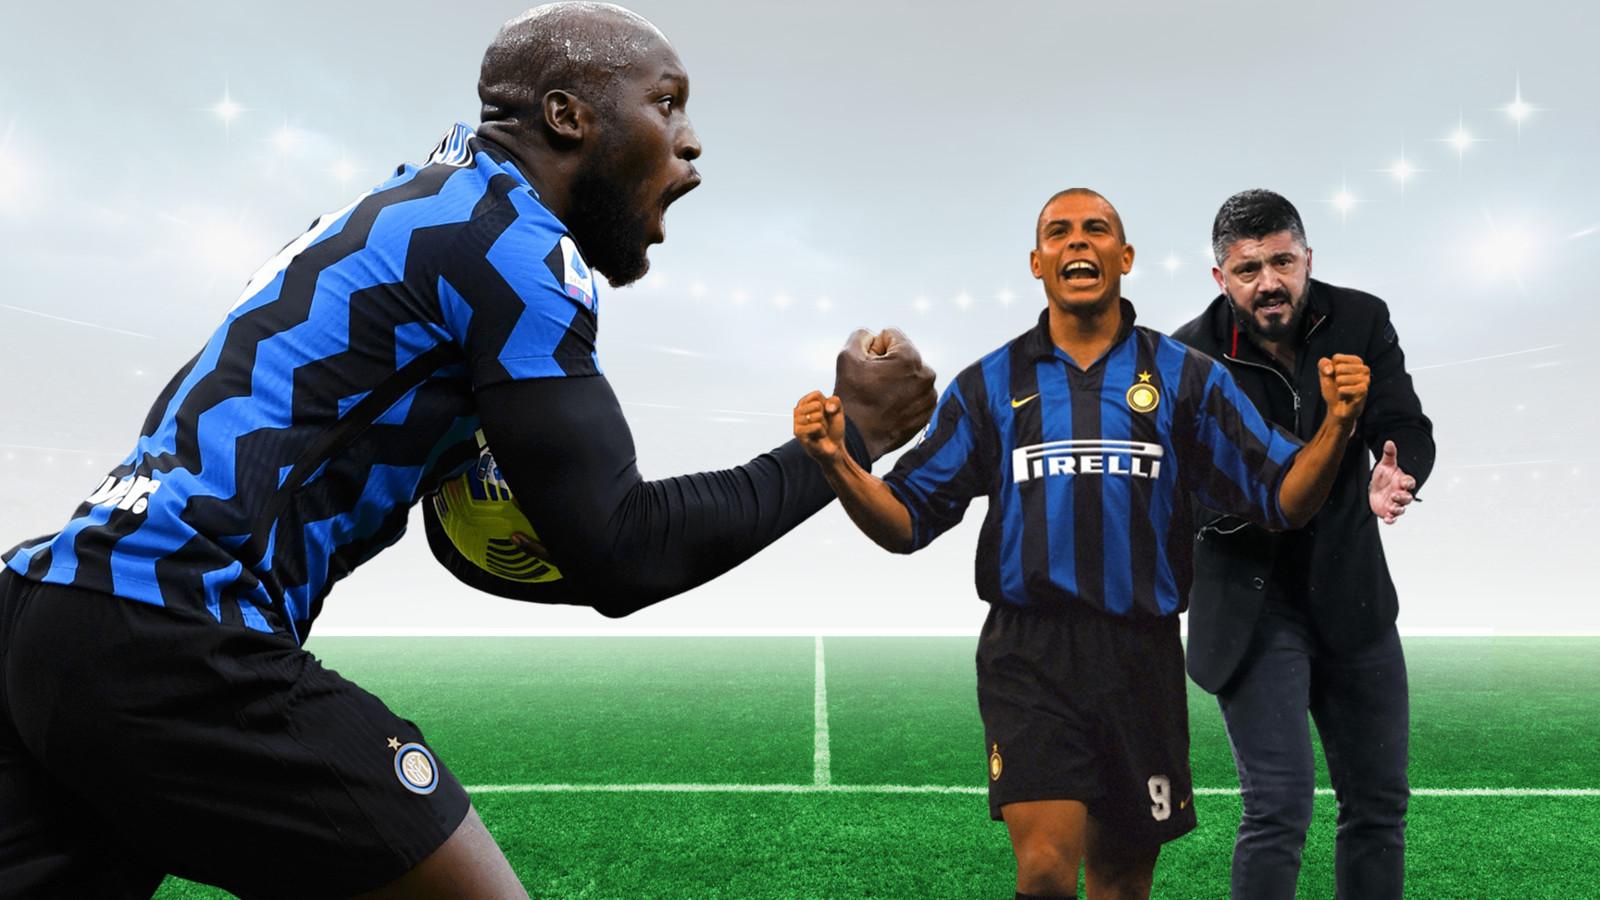 Onder anderen Ronaldo en Gattuso geven hun mening over Lukaku.